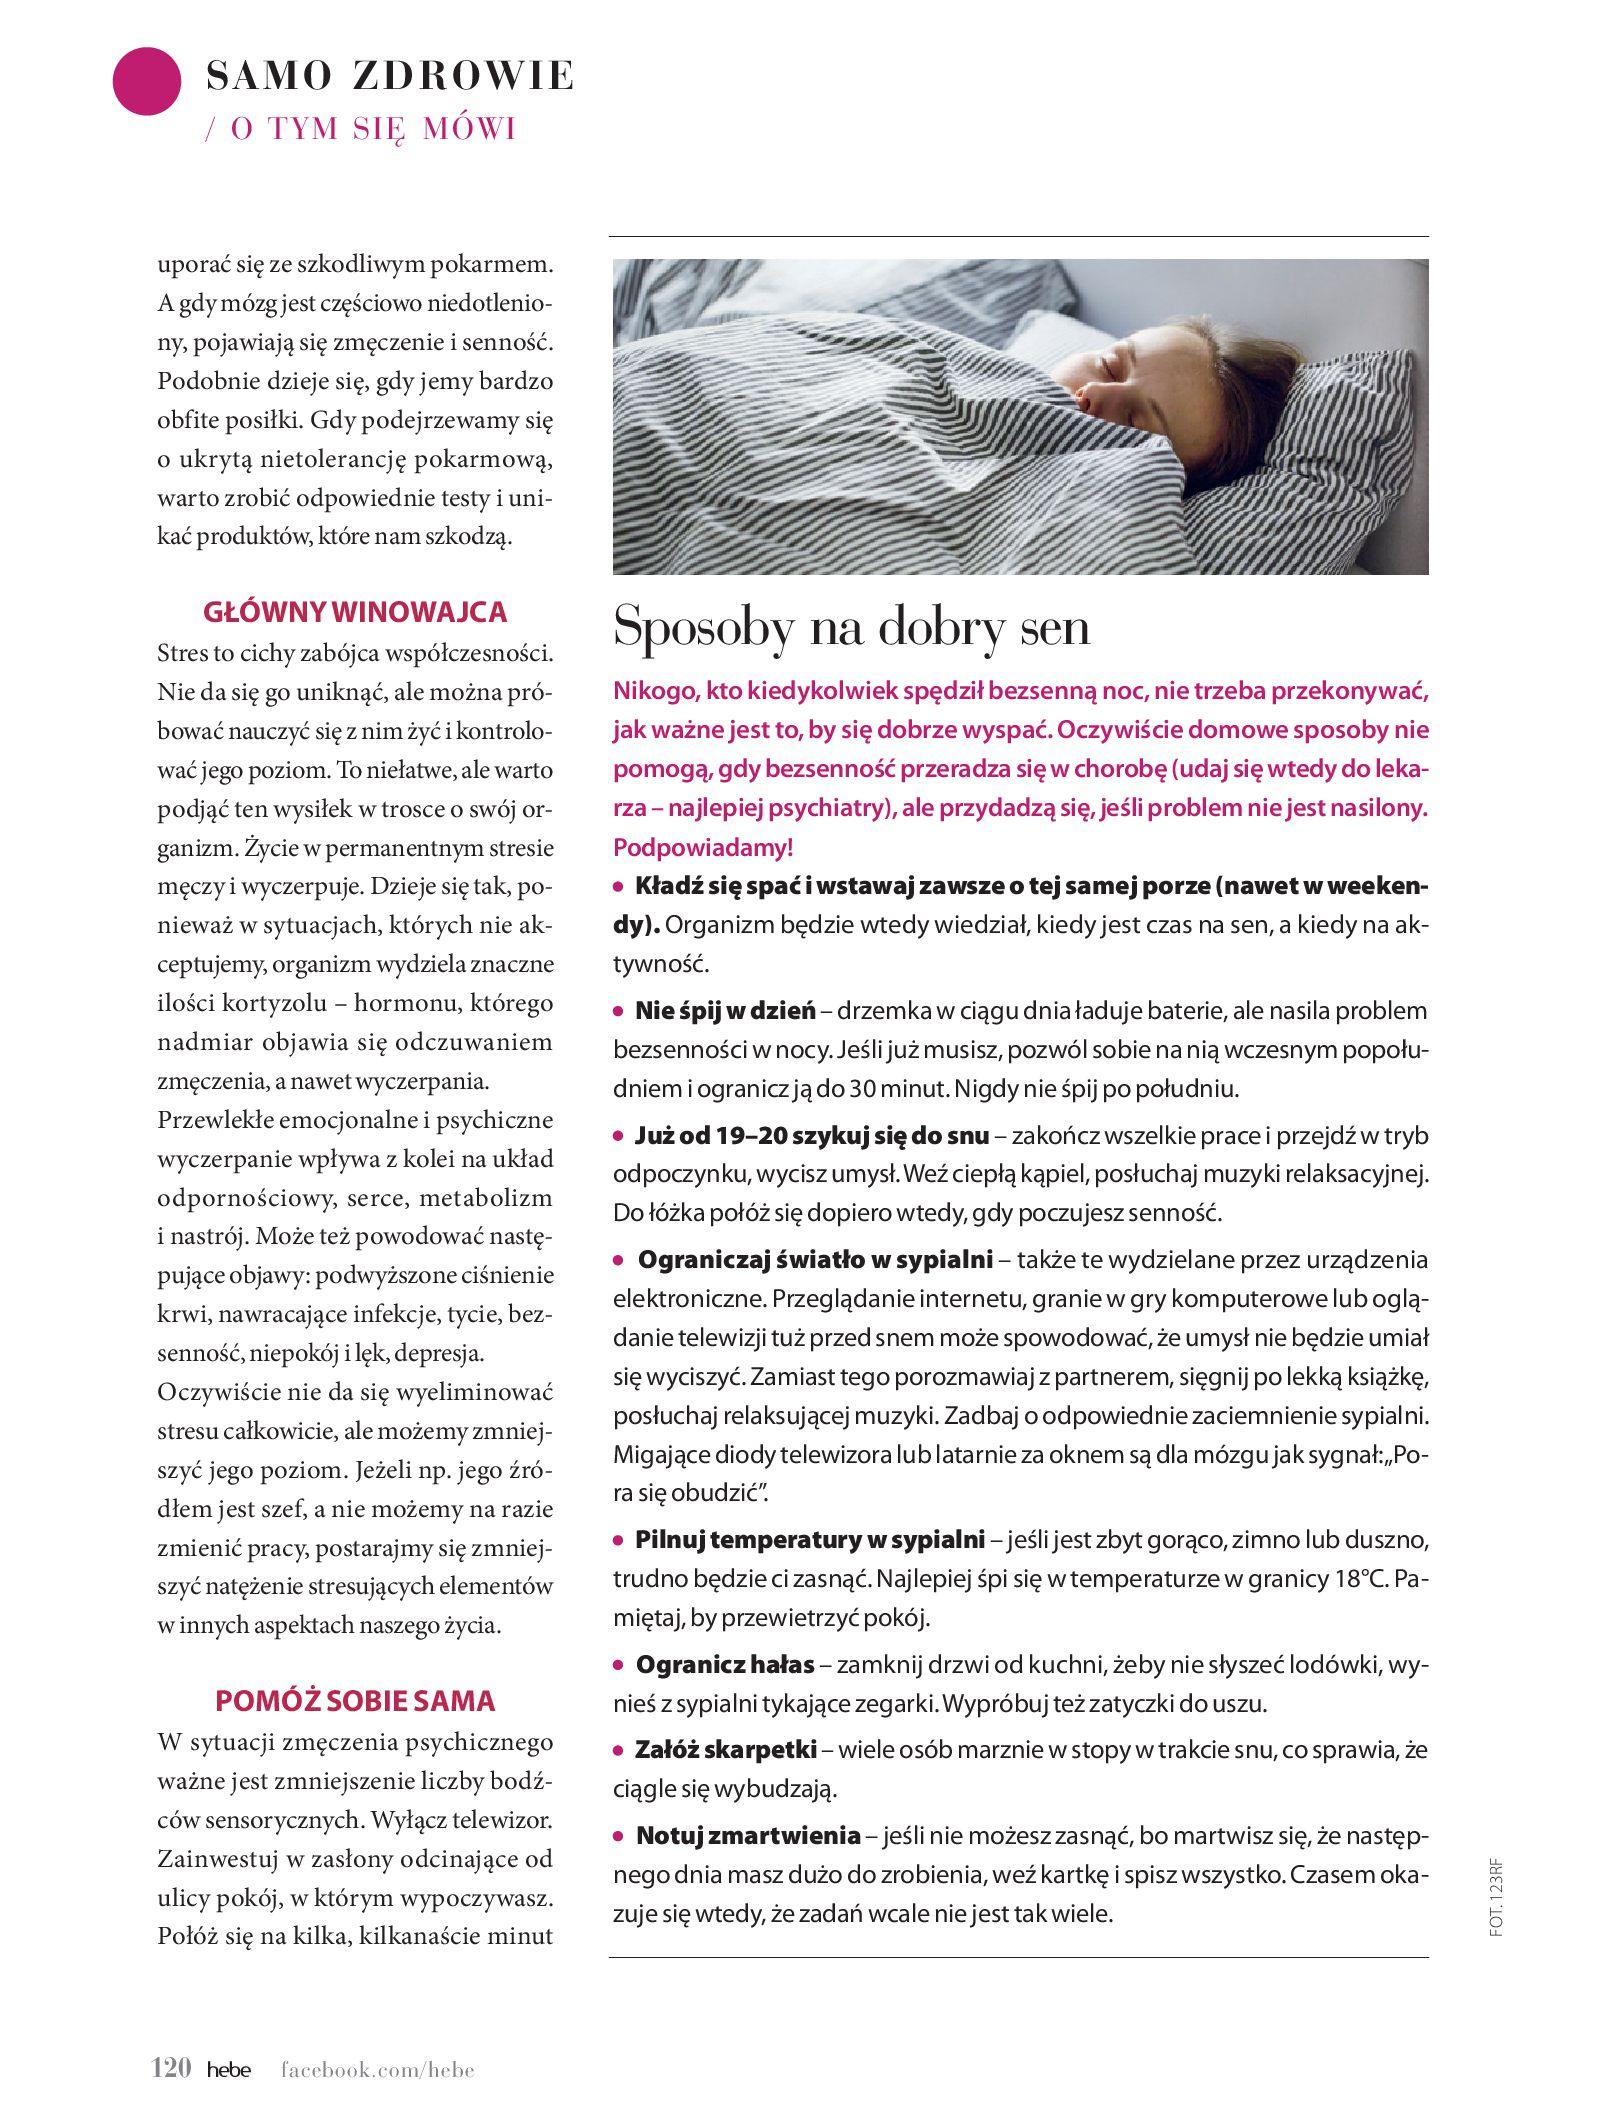 Gazetka hebe: Magazyn hebe - TURBO nawilżanie po urlopie 2021-09-01 page-120